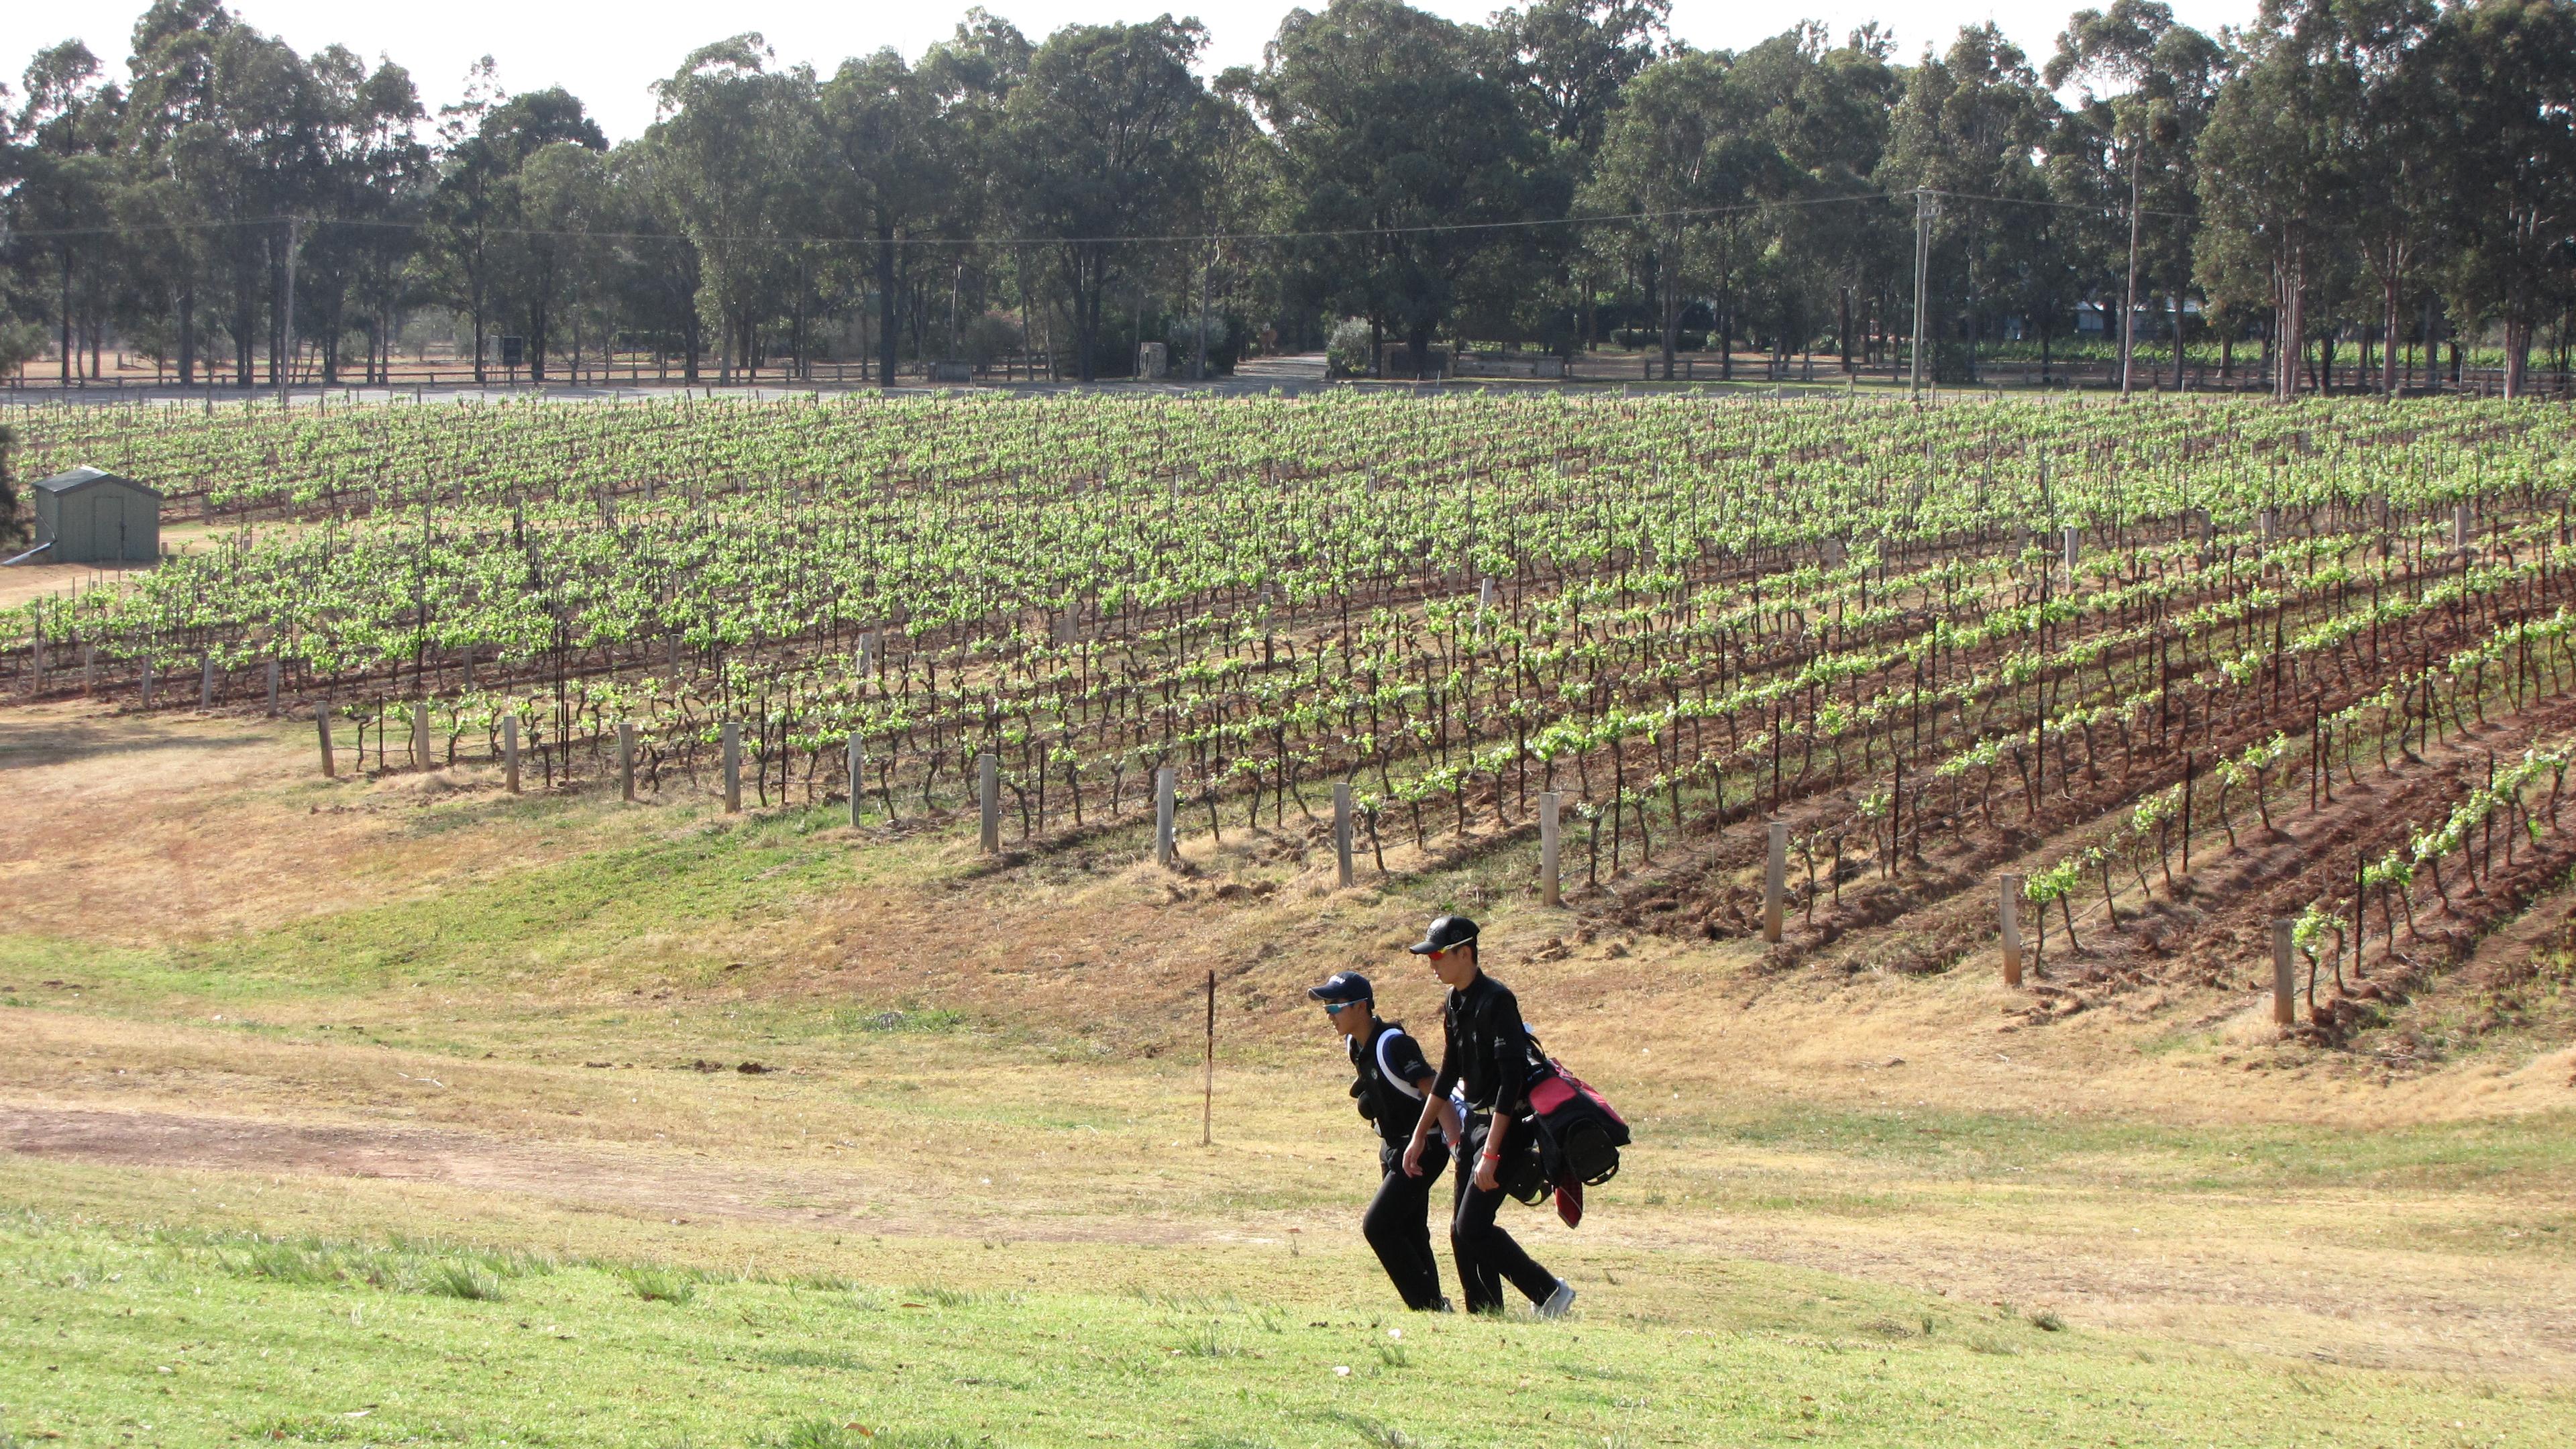 開催コースは世界的にも有名なワイナリーが数多く点在する地域(ハンターバレー)。ホールによってはぶどう畑が隣接する。